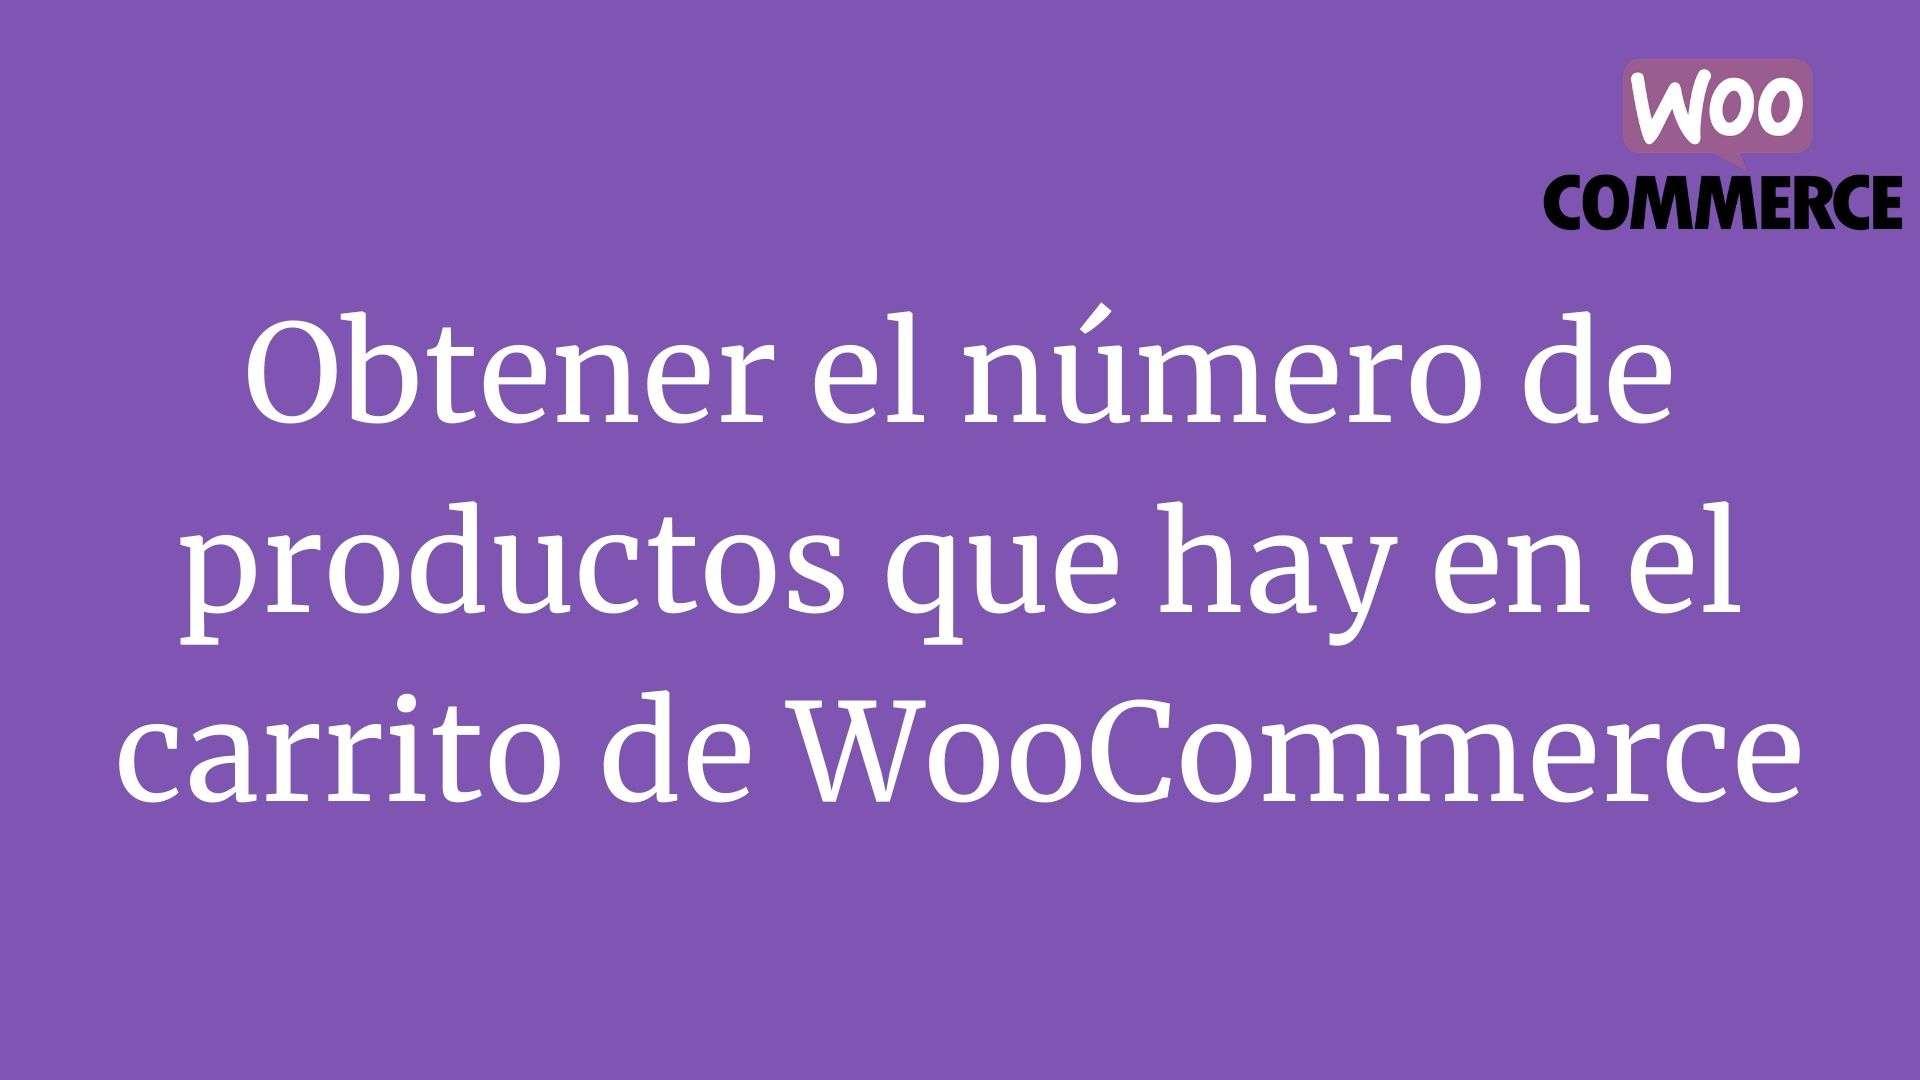 Obtener el número de productos que hay en el carrito de WooCommerce